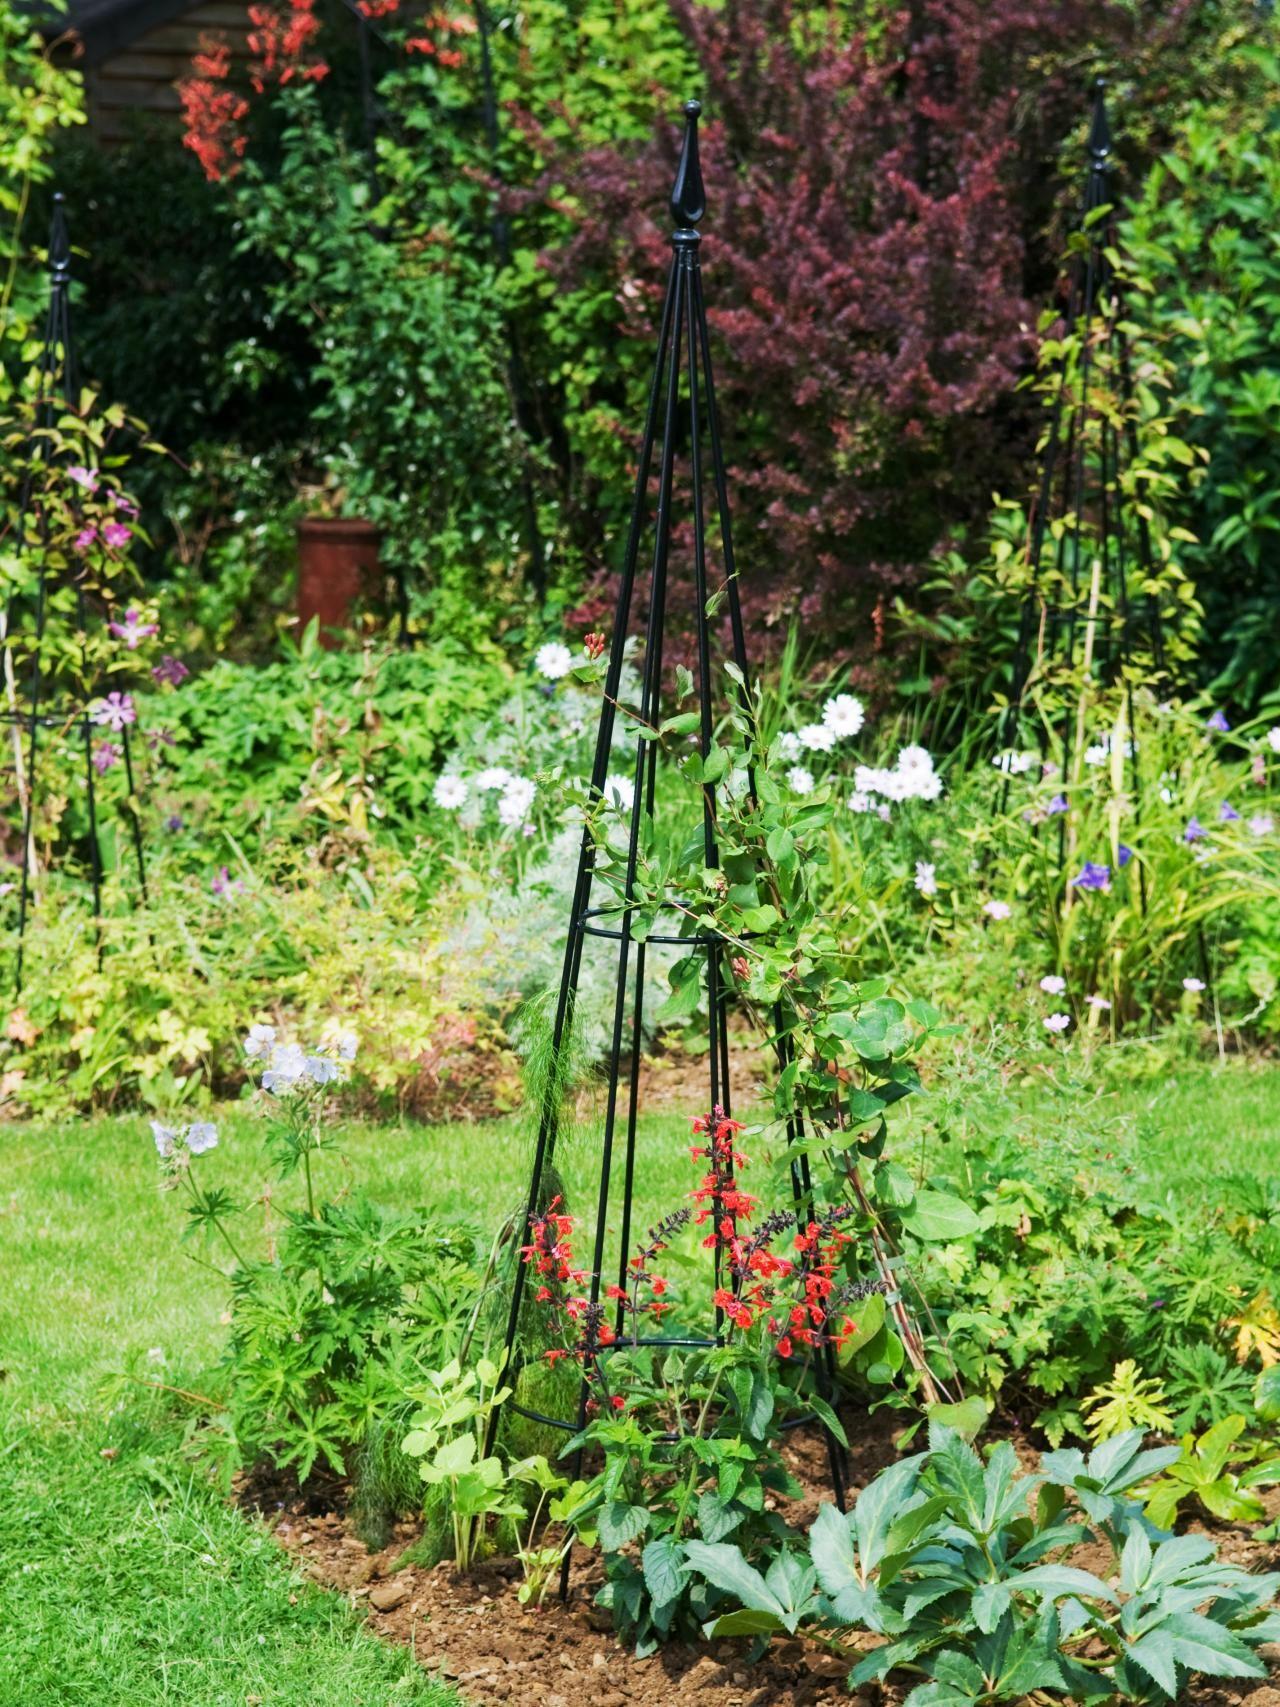 Cheap Garden Trellis Ideas Part - 40: Build A Cheap Metal Garden Trellis - Http://www.1stgardenideas.com